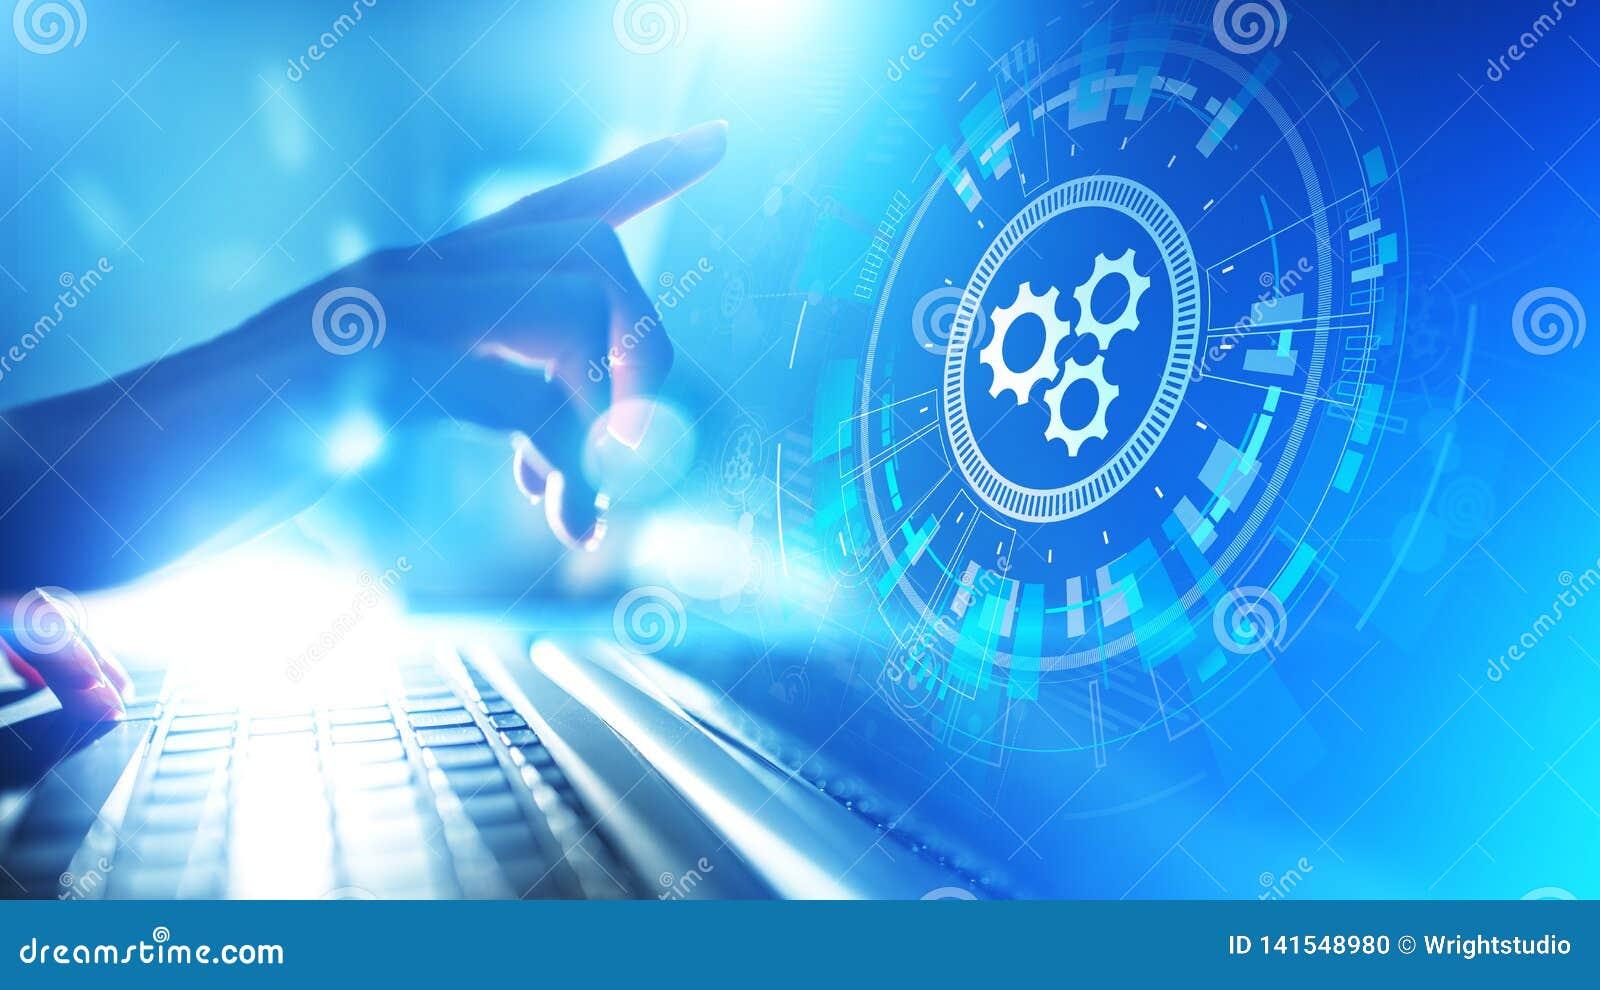 Βελτιστοποίηση ροής της δουλειάς αυτοματοποίησης, επιχειρήσεων και βιομηχανικής διαδικασίας, έννοια ανάπτυξης λογισμικού στην εικ